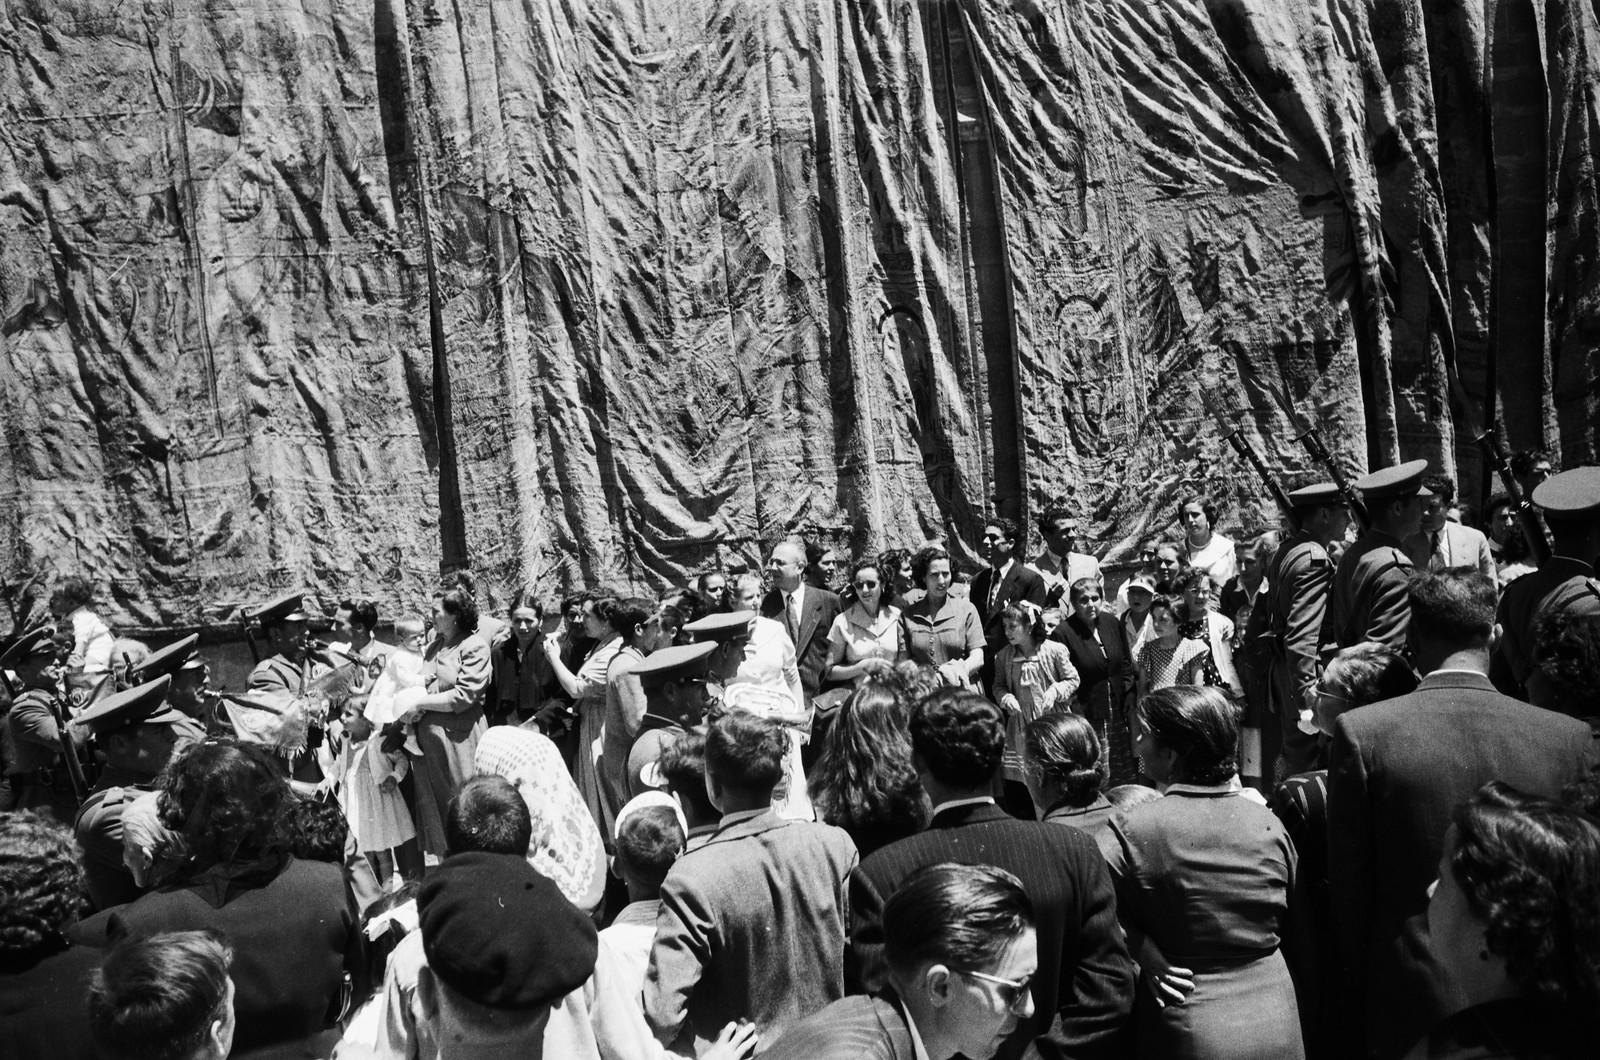 Tapices flamencos colgados de las paredes de la catedral con motivo de la Procesión del Corpus Christi de Toledo en 1955 © ETH-Bibliothek Zurich